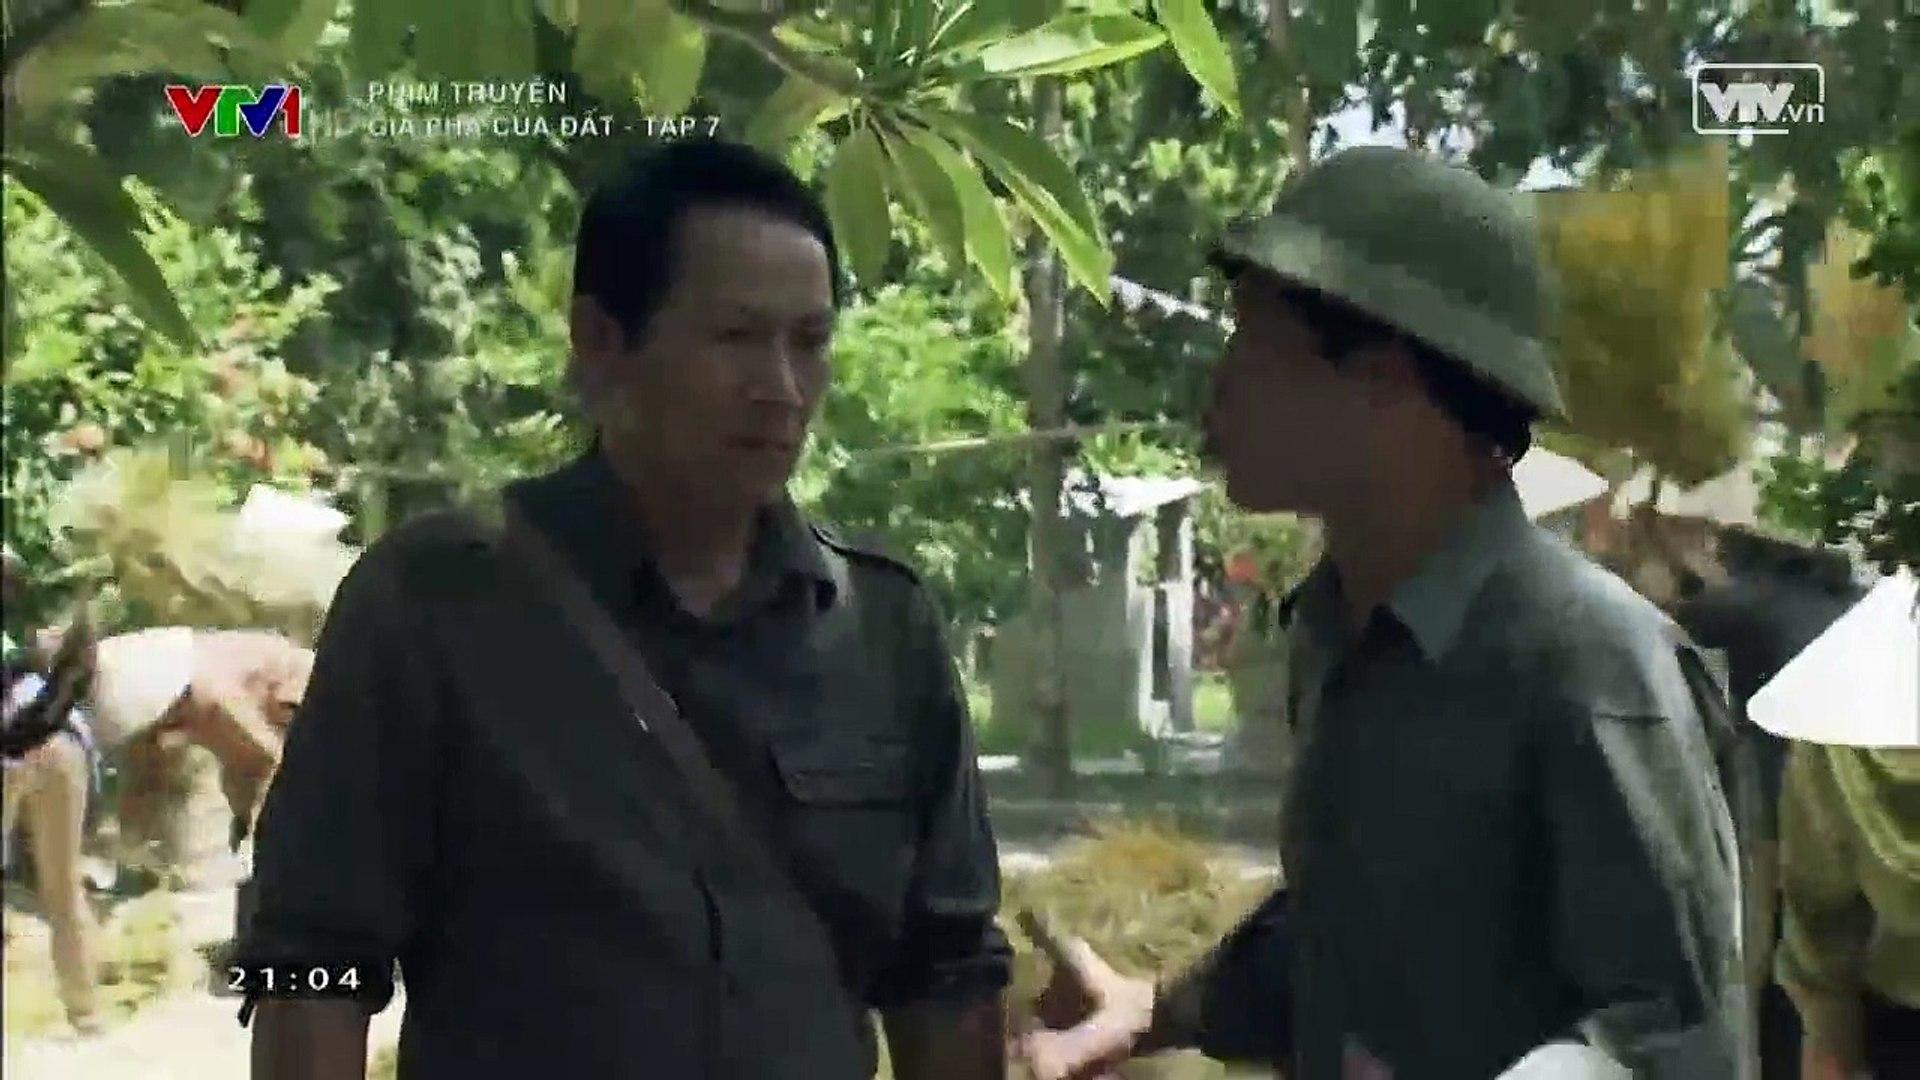 Gia phả của đất - Tập 7 - Phim VTV1